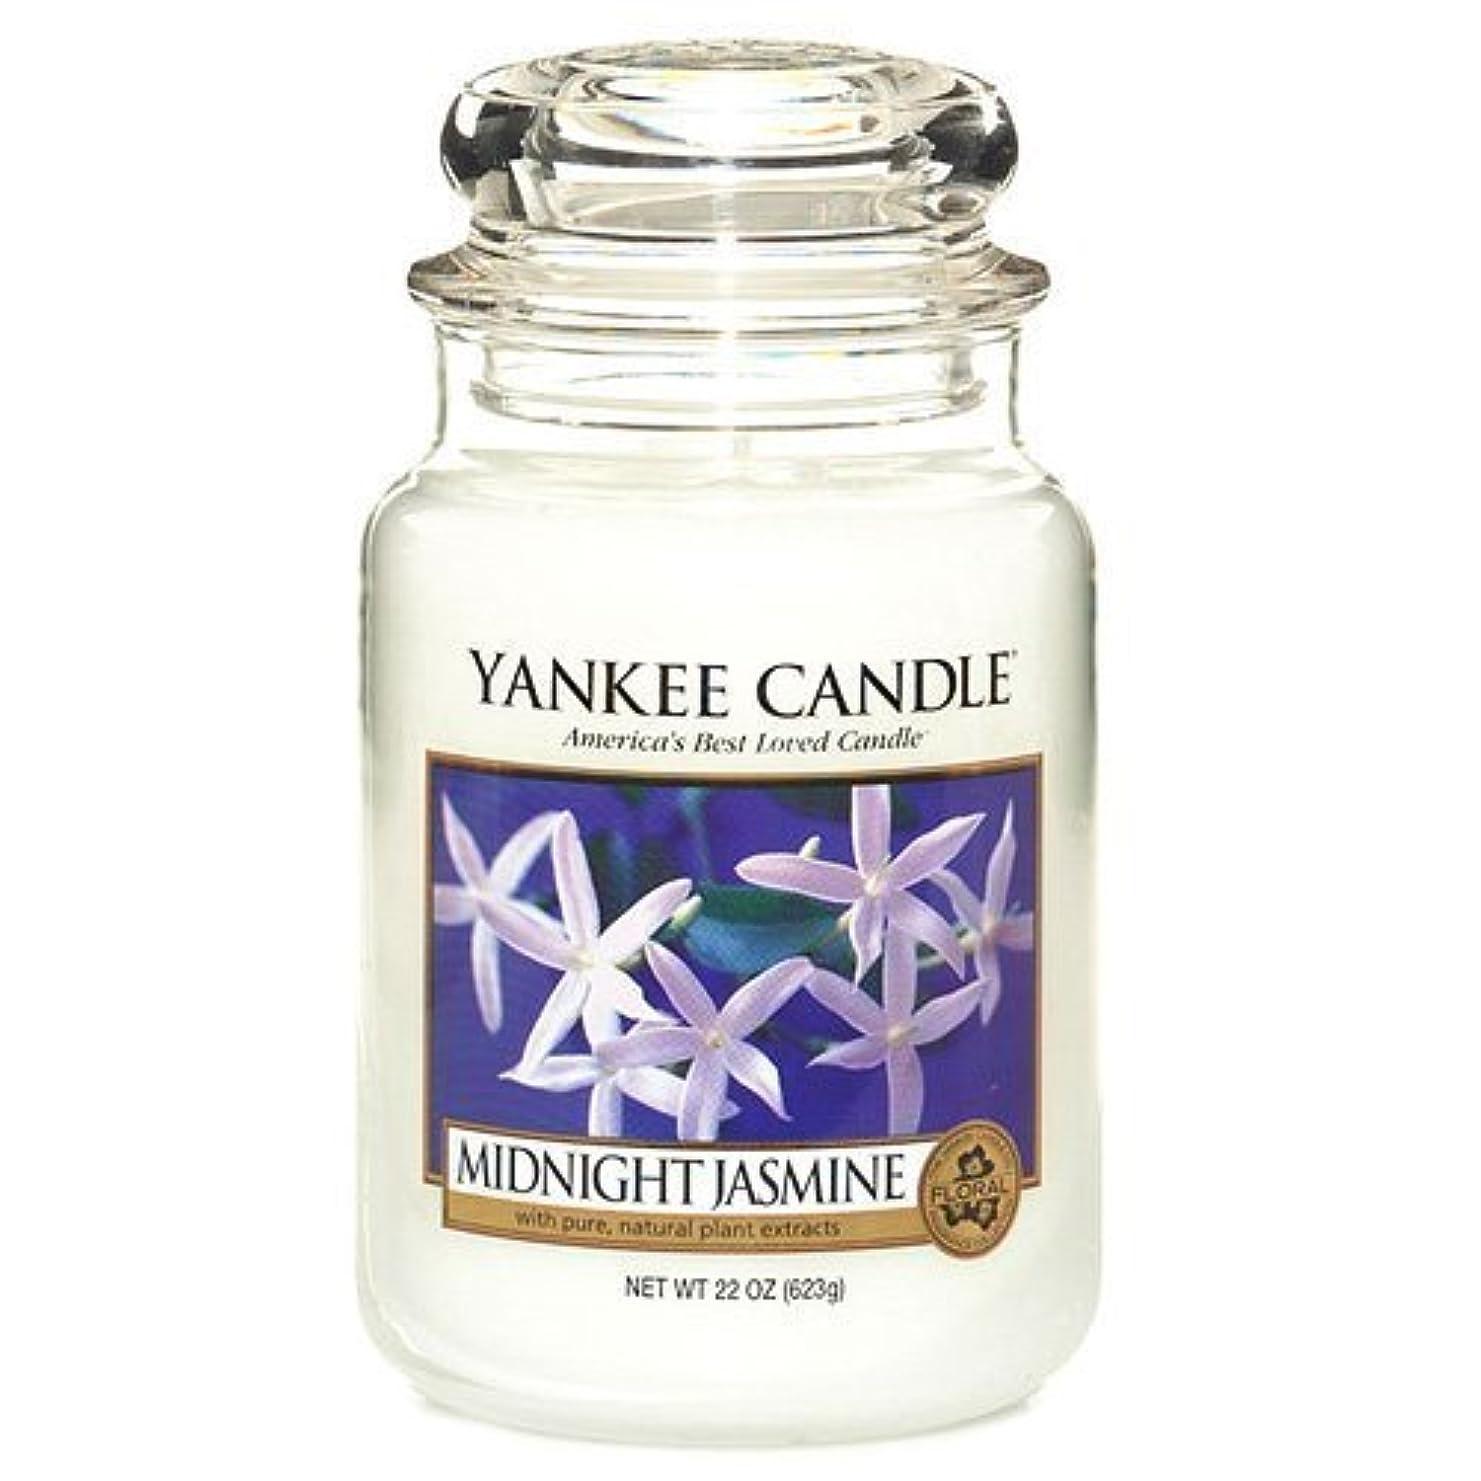 あえぎ悪名高いフリースYankee Candle Housewarmer Jar (Midnight Jasmine) - Large (22 oz) by Yankee Candle [並行輸入品]